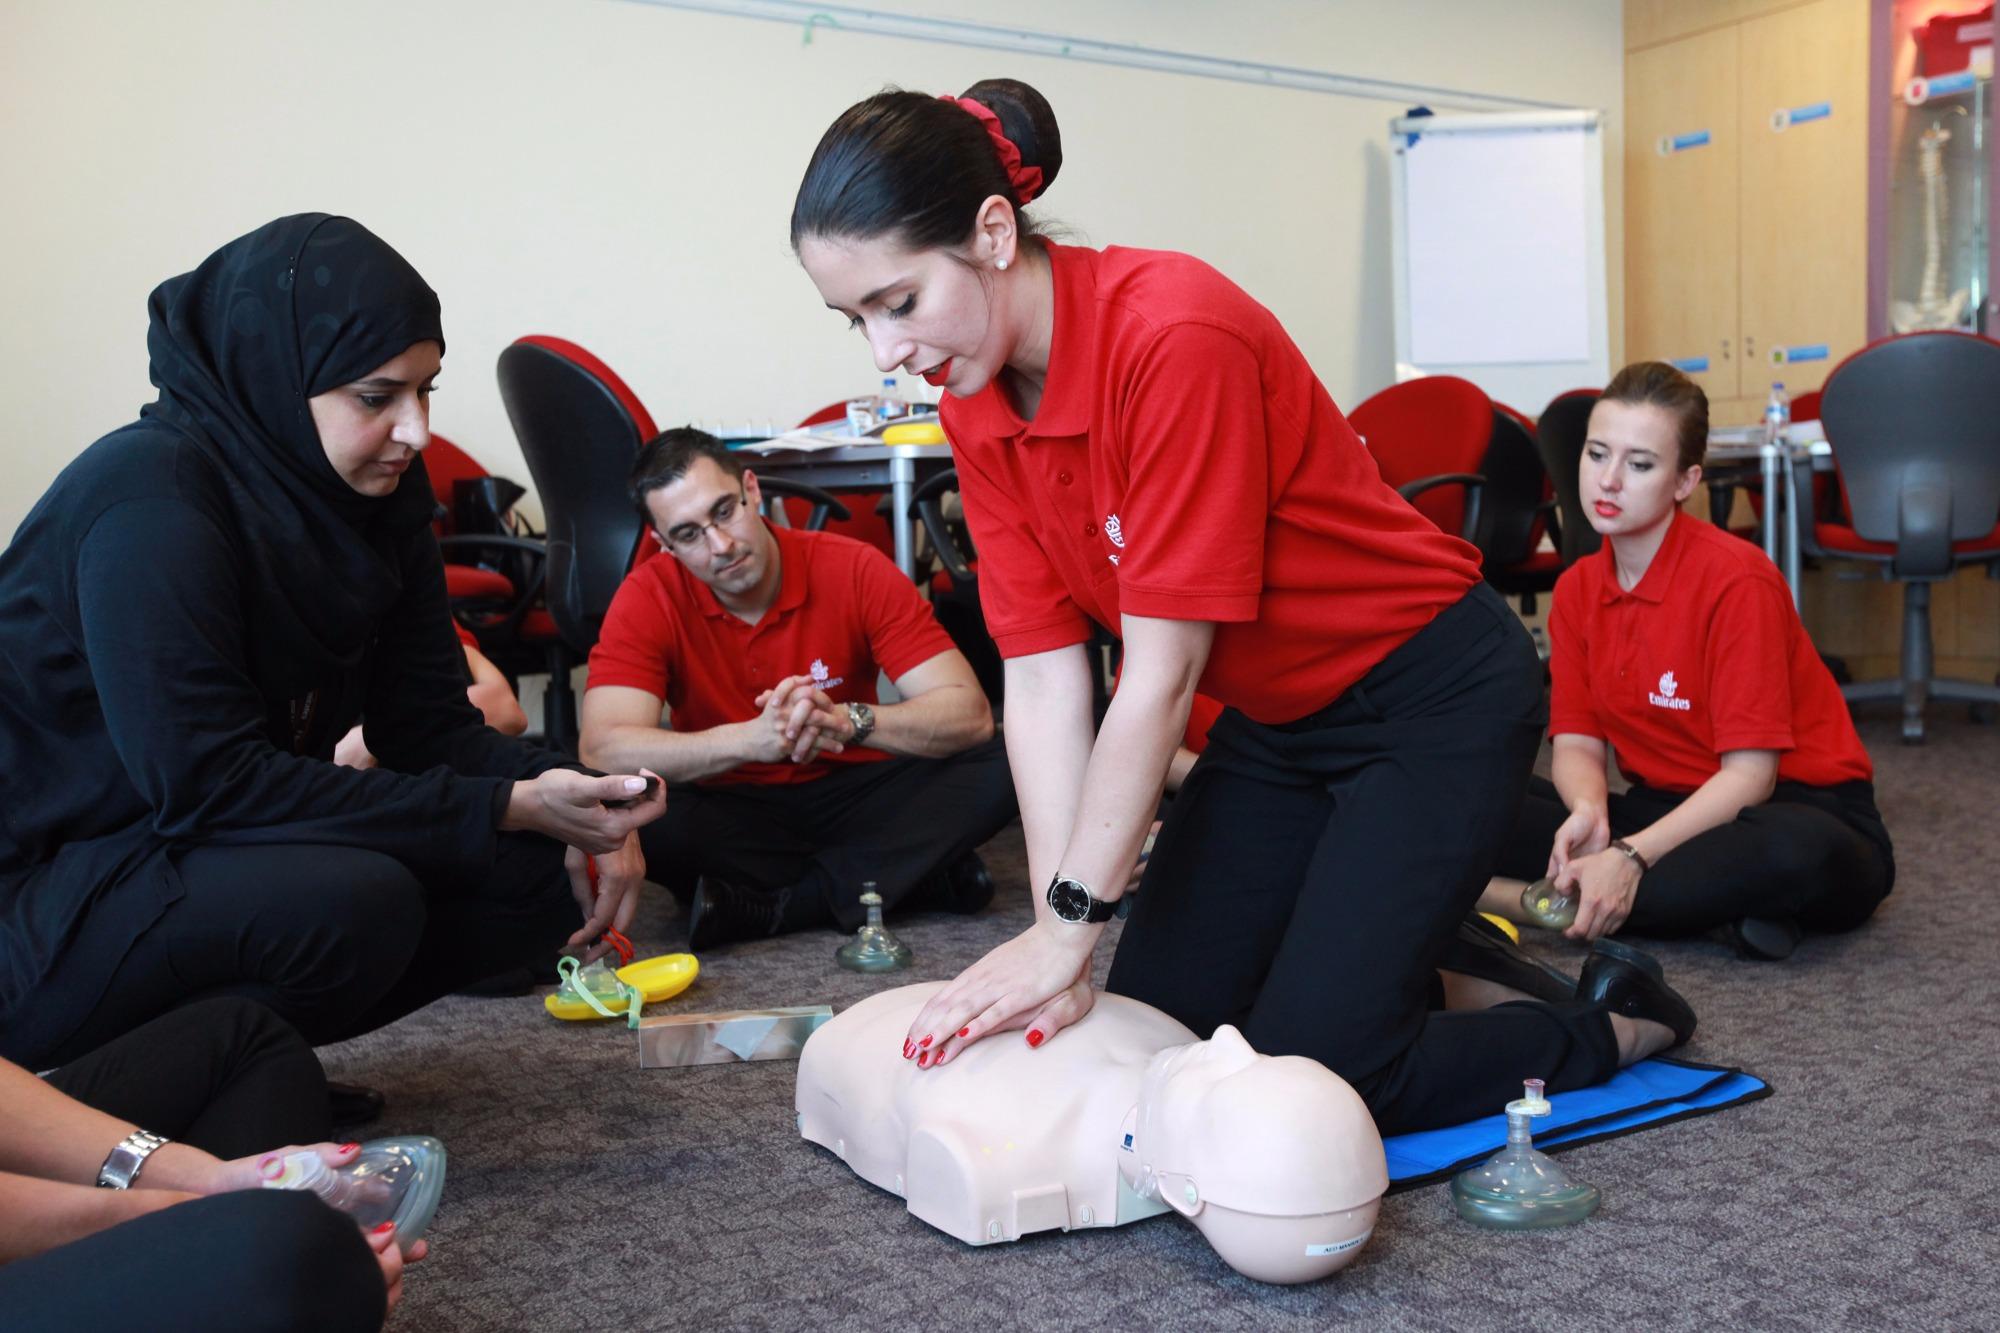 طيران الإمارات وفرت خلال العام 2016، نحو 23 ألف ساعة تدريب طبي لأفراد أطقم الخدمات الجوية والطيارين لضمان استعدادهم لمساعدة الركاب على متن الطائرة